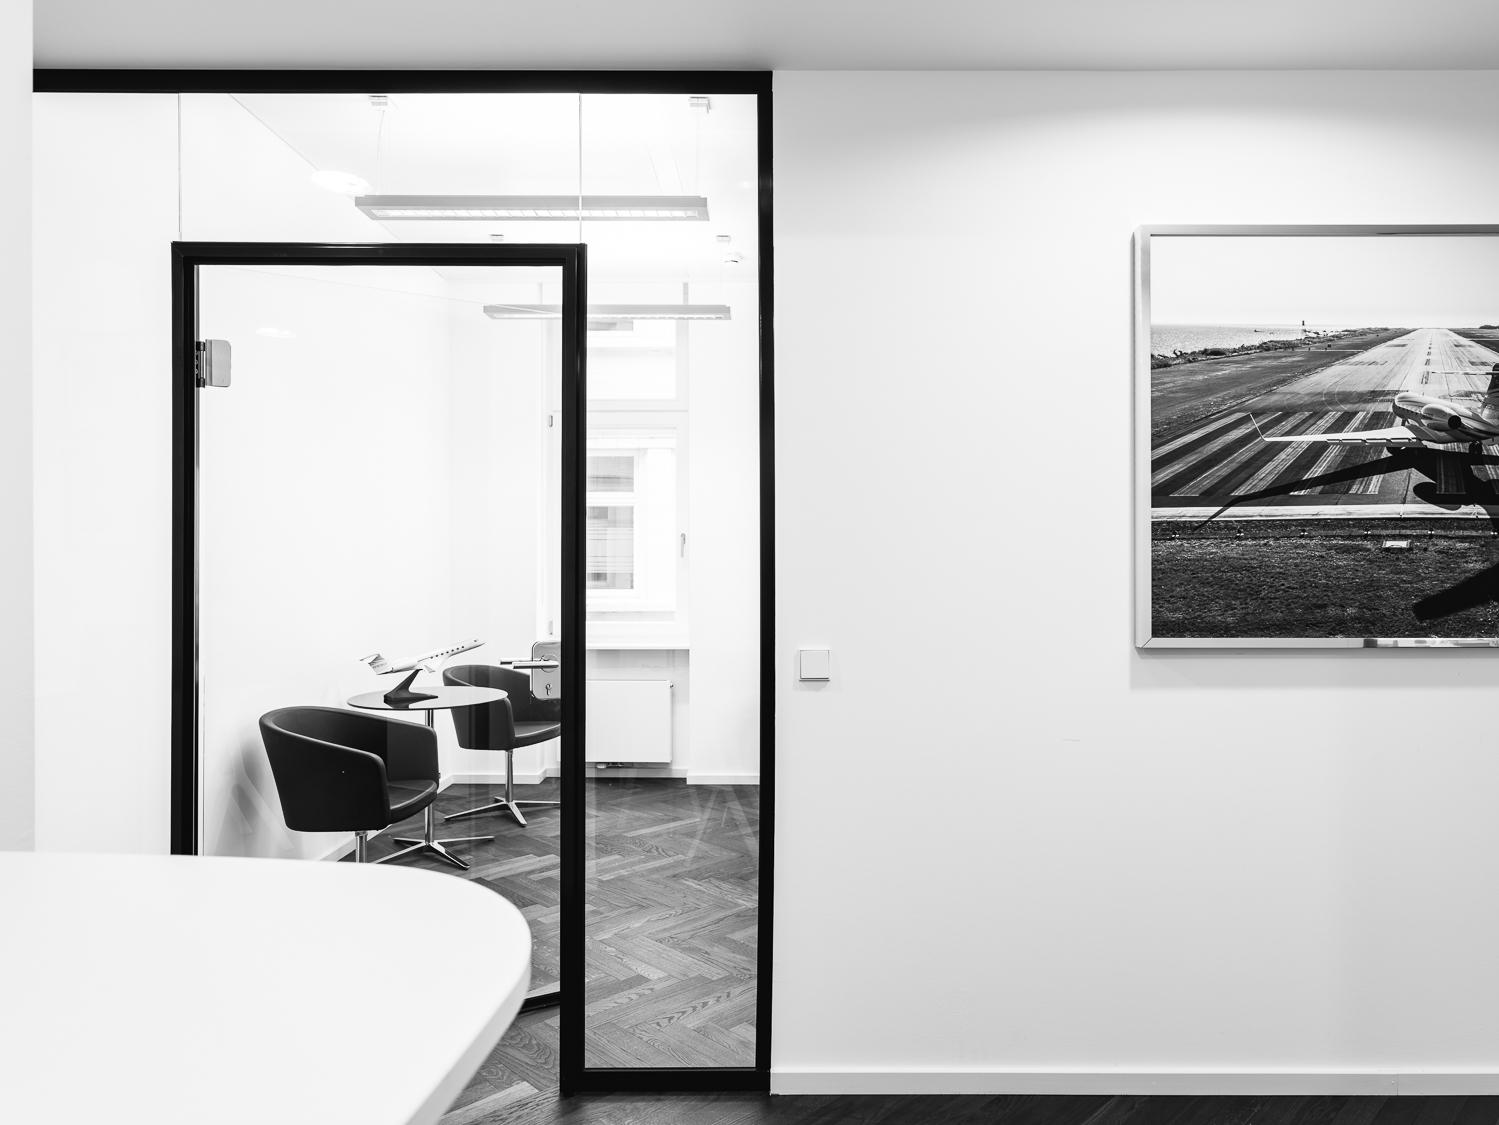 Gulfstream Industries Office in Vienna, Austria